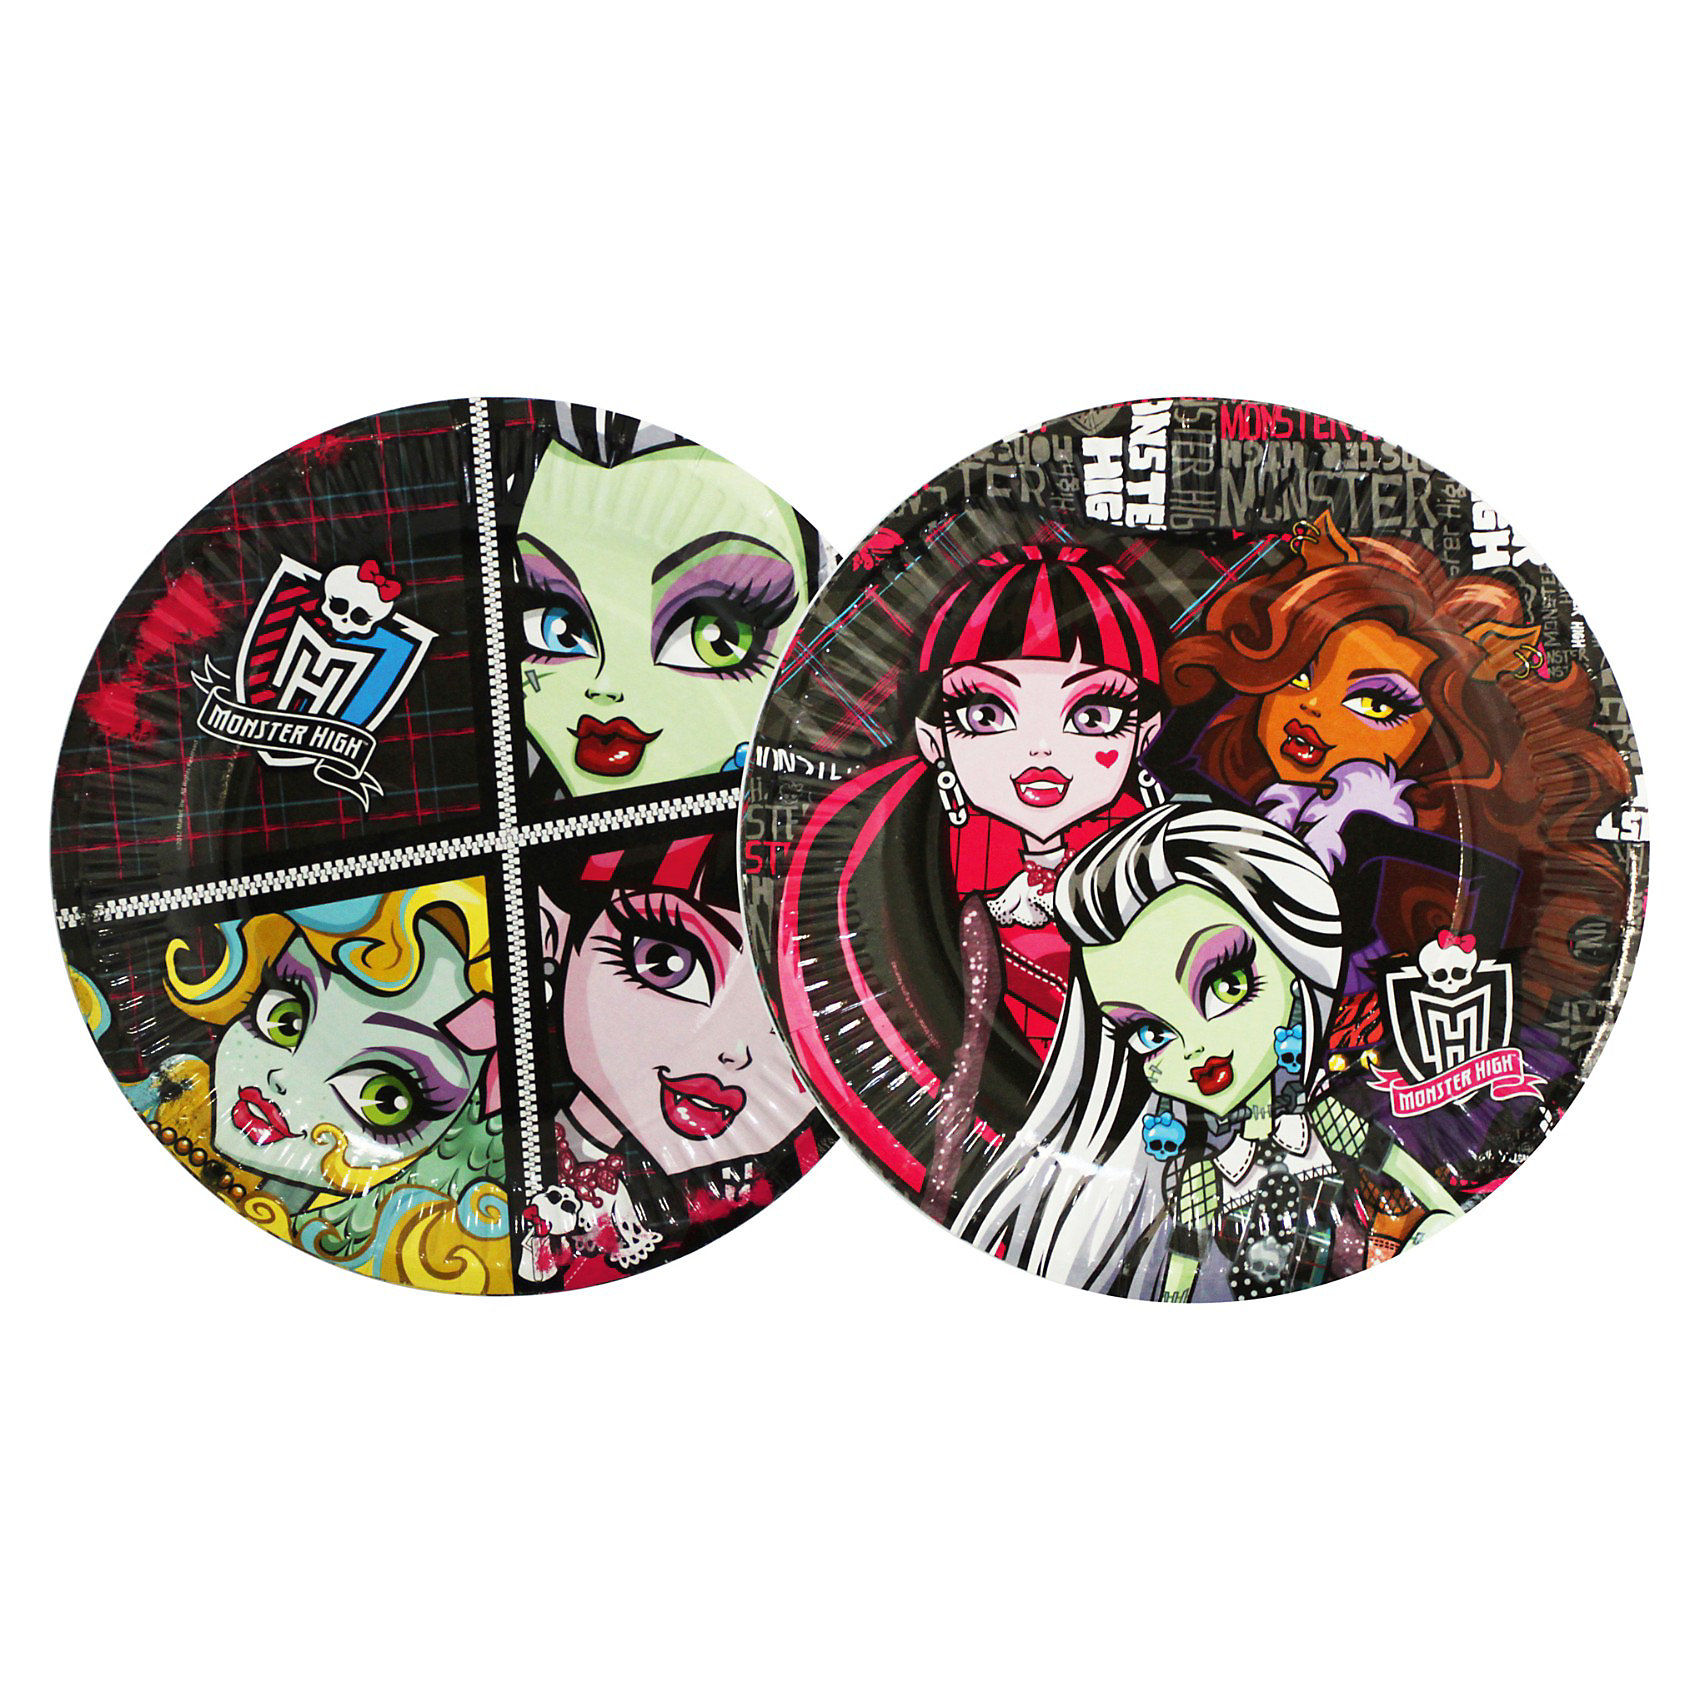 Росмэн Тарелка бумажная, 18см, 10шт, Monster High росмэн наклейки 2 monster high